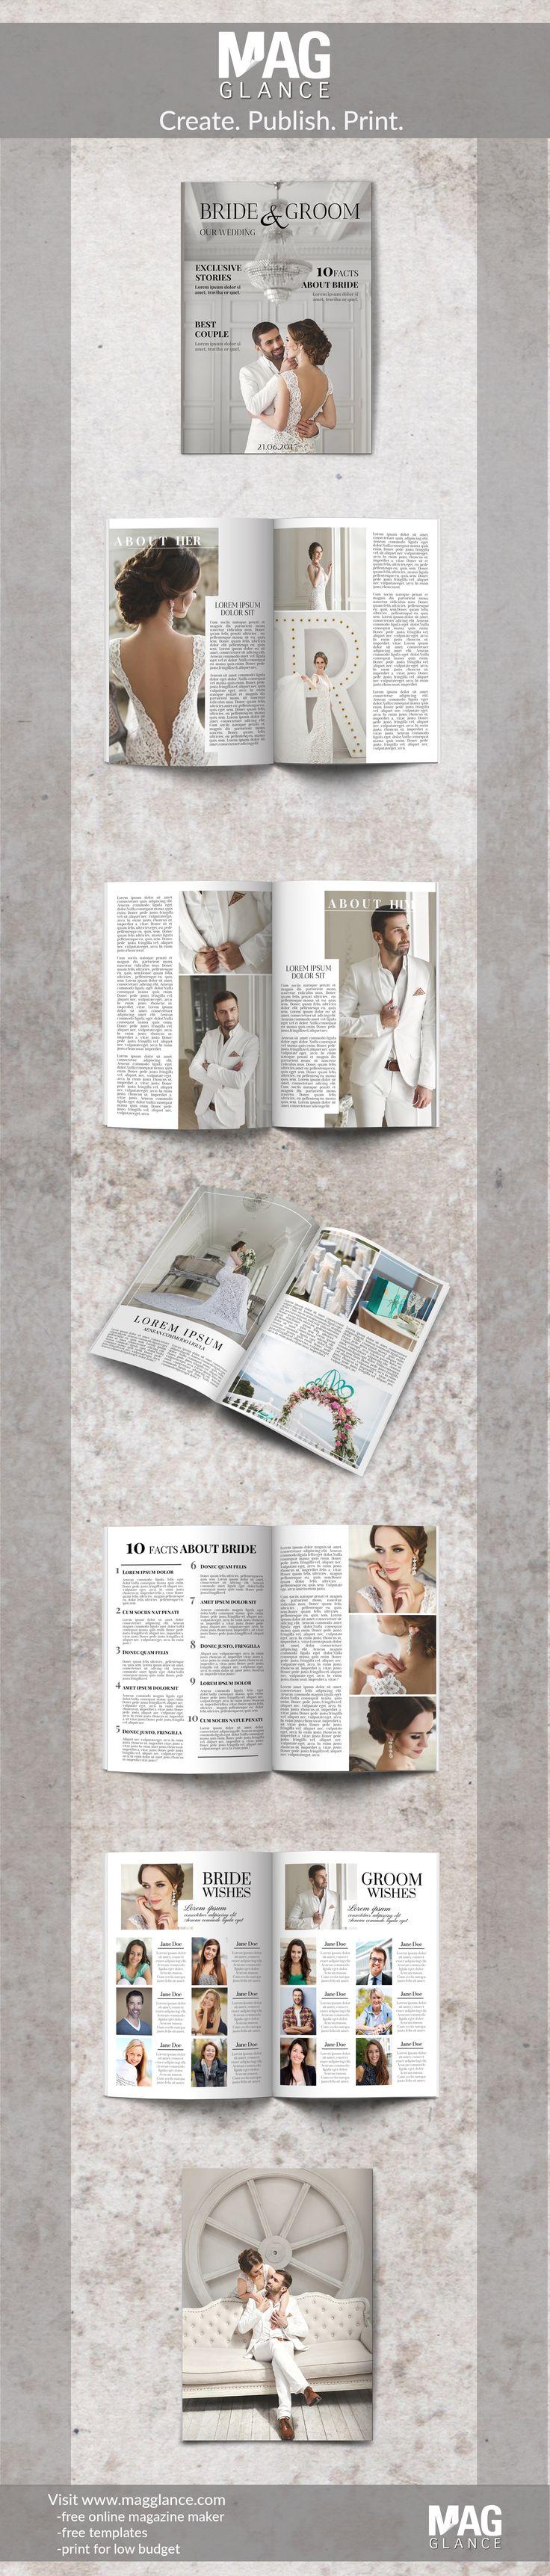 utwórz gazetkę ślubną w wersji online i wydrukuj w atrakcyjnej cenie pod  https://pl.magglance.com/gazetka-slubna/gazetka-slubna-utworz #gazetka #magazyn #gazetka ślubna #szablon #design #wzór #przykład #template #redaguj #utwórz #prezent ślubny #layout #pomysł